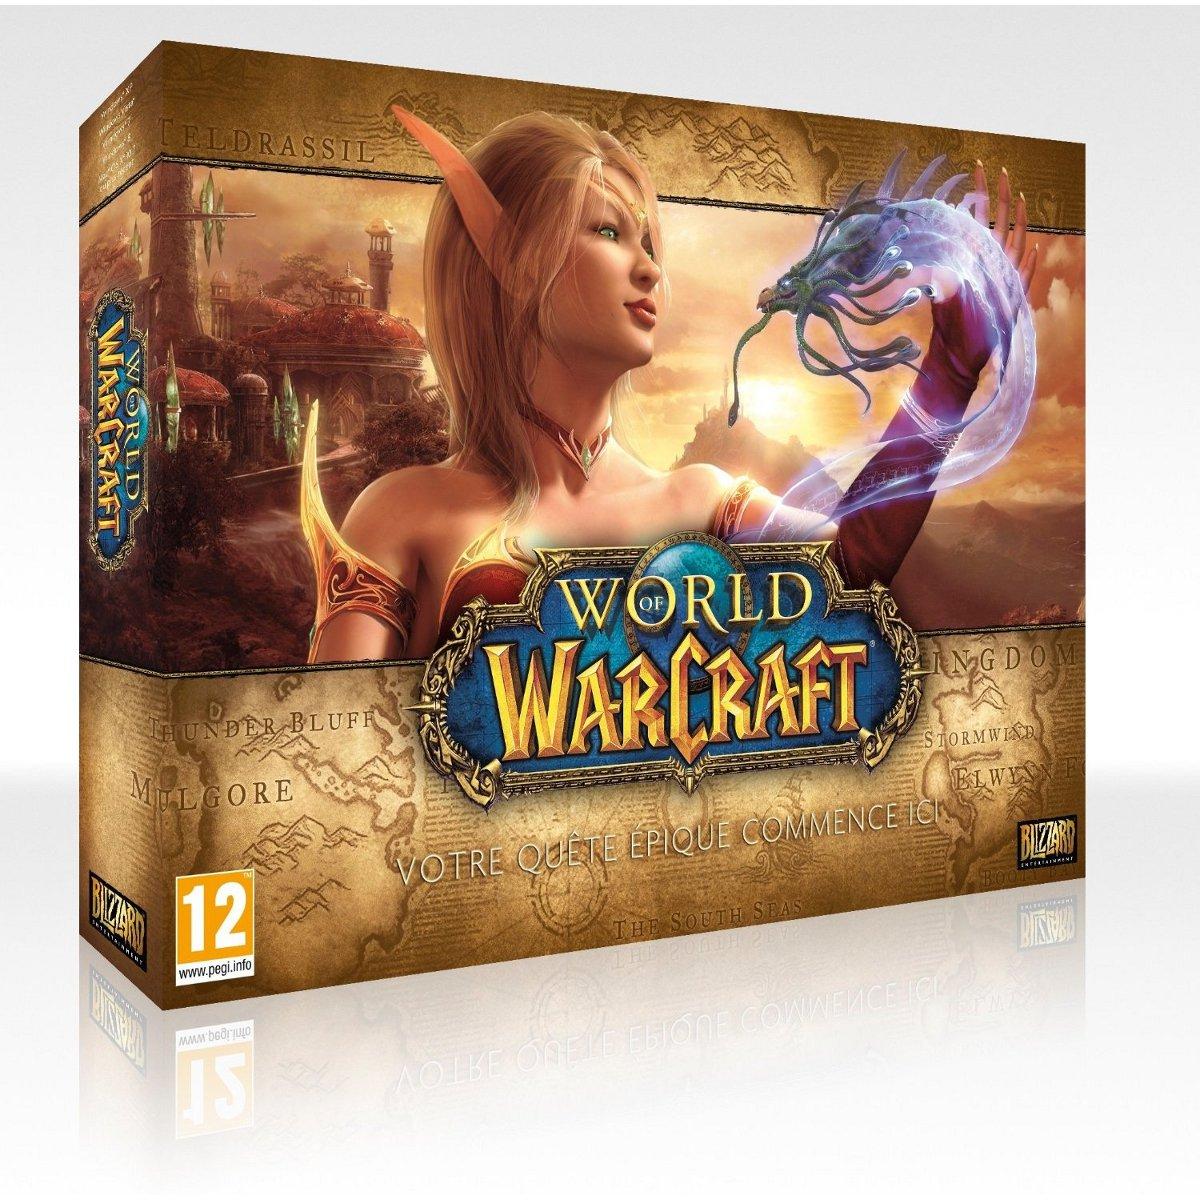 World of warcraft jiz softcore vids